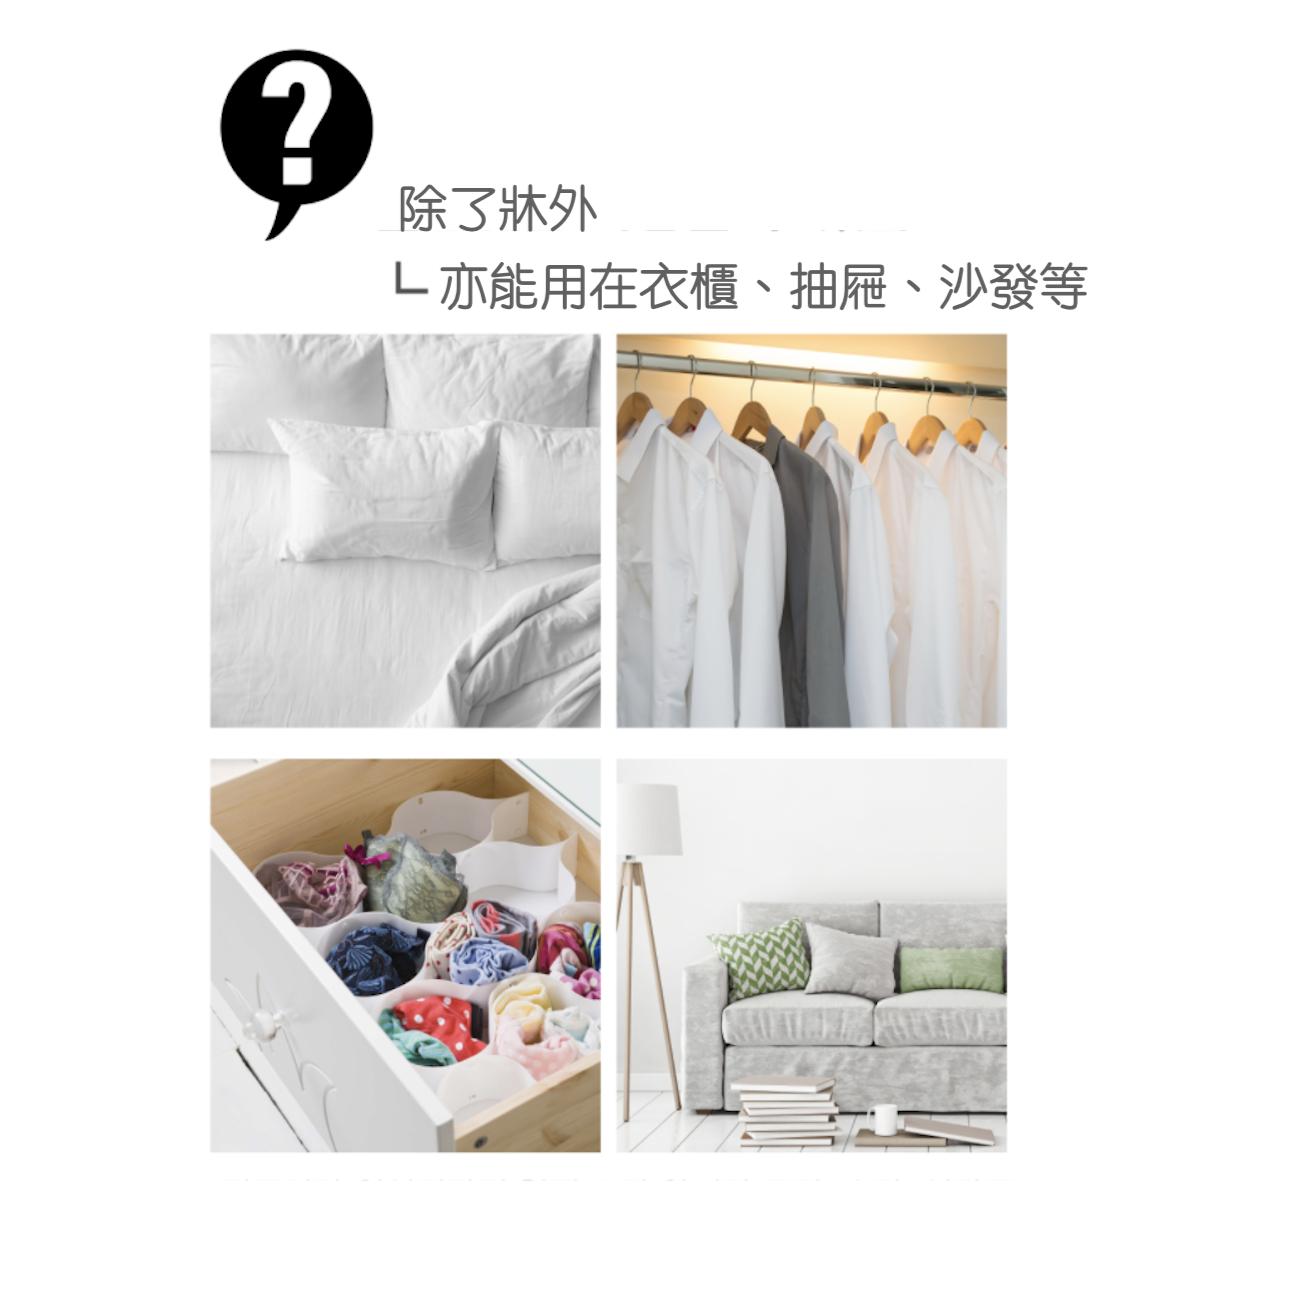 [shiPAPA] 防塵防蜱墊 2片入|韓國直送|香港 澳門